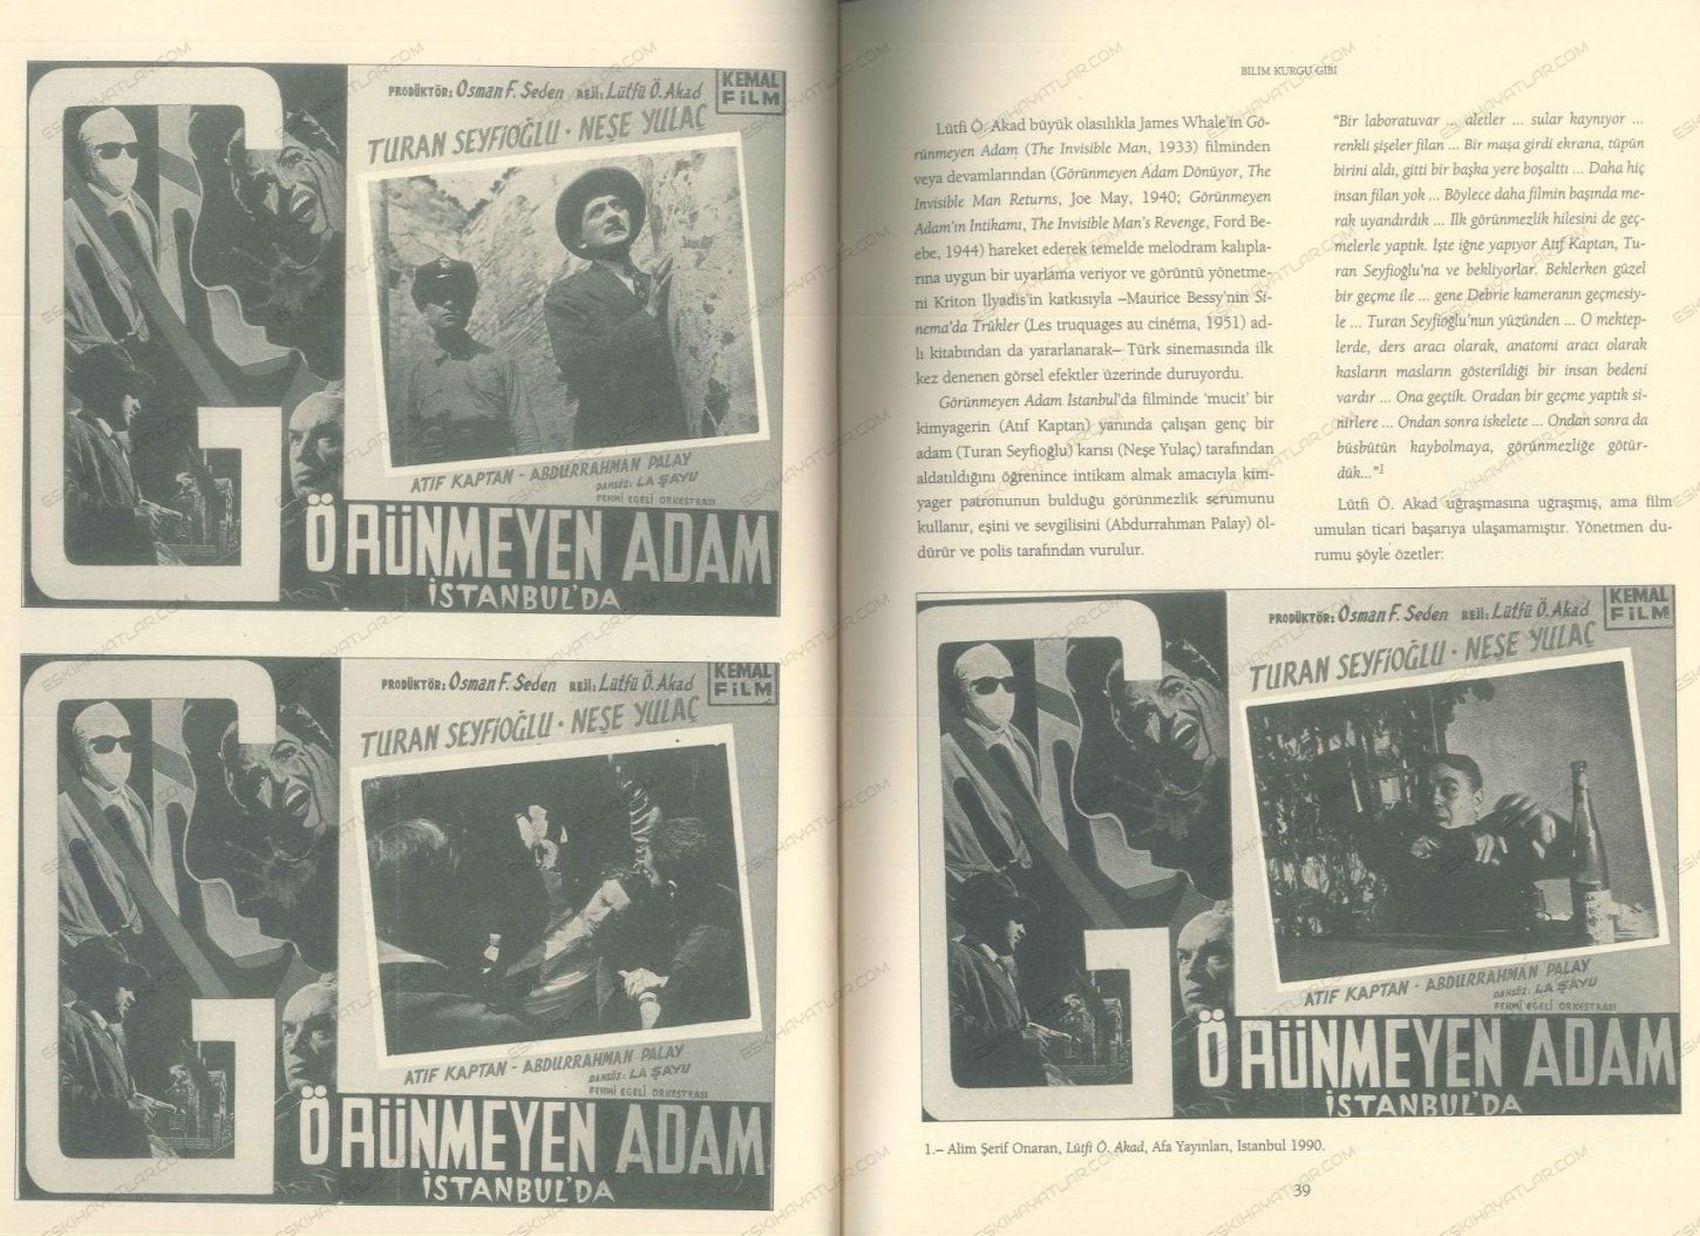 0327-gorunmeyen-adam-istanbulda-1955-atif-kaptan-nese-yulac-fantastik-turk-sinemasi-eski-film-afisleri (6)